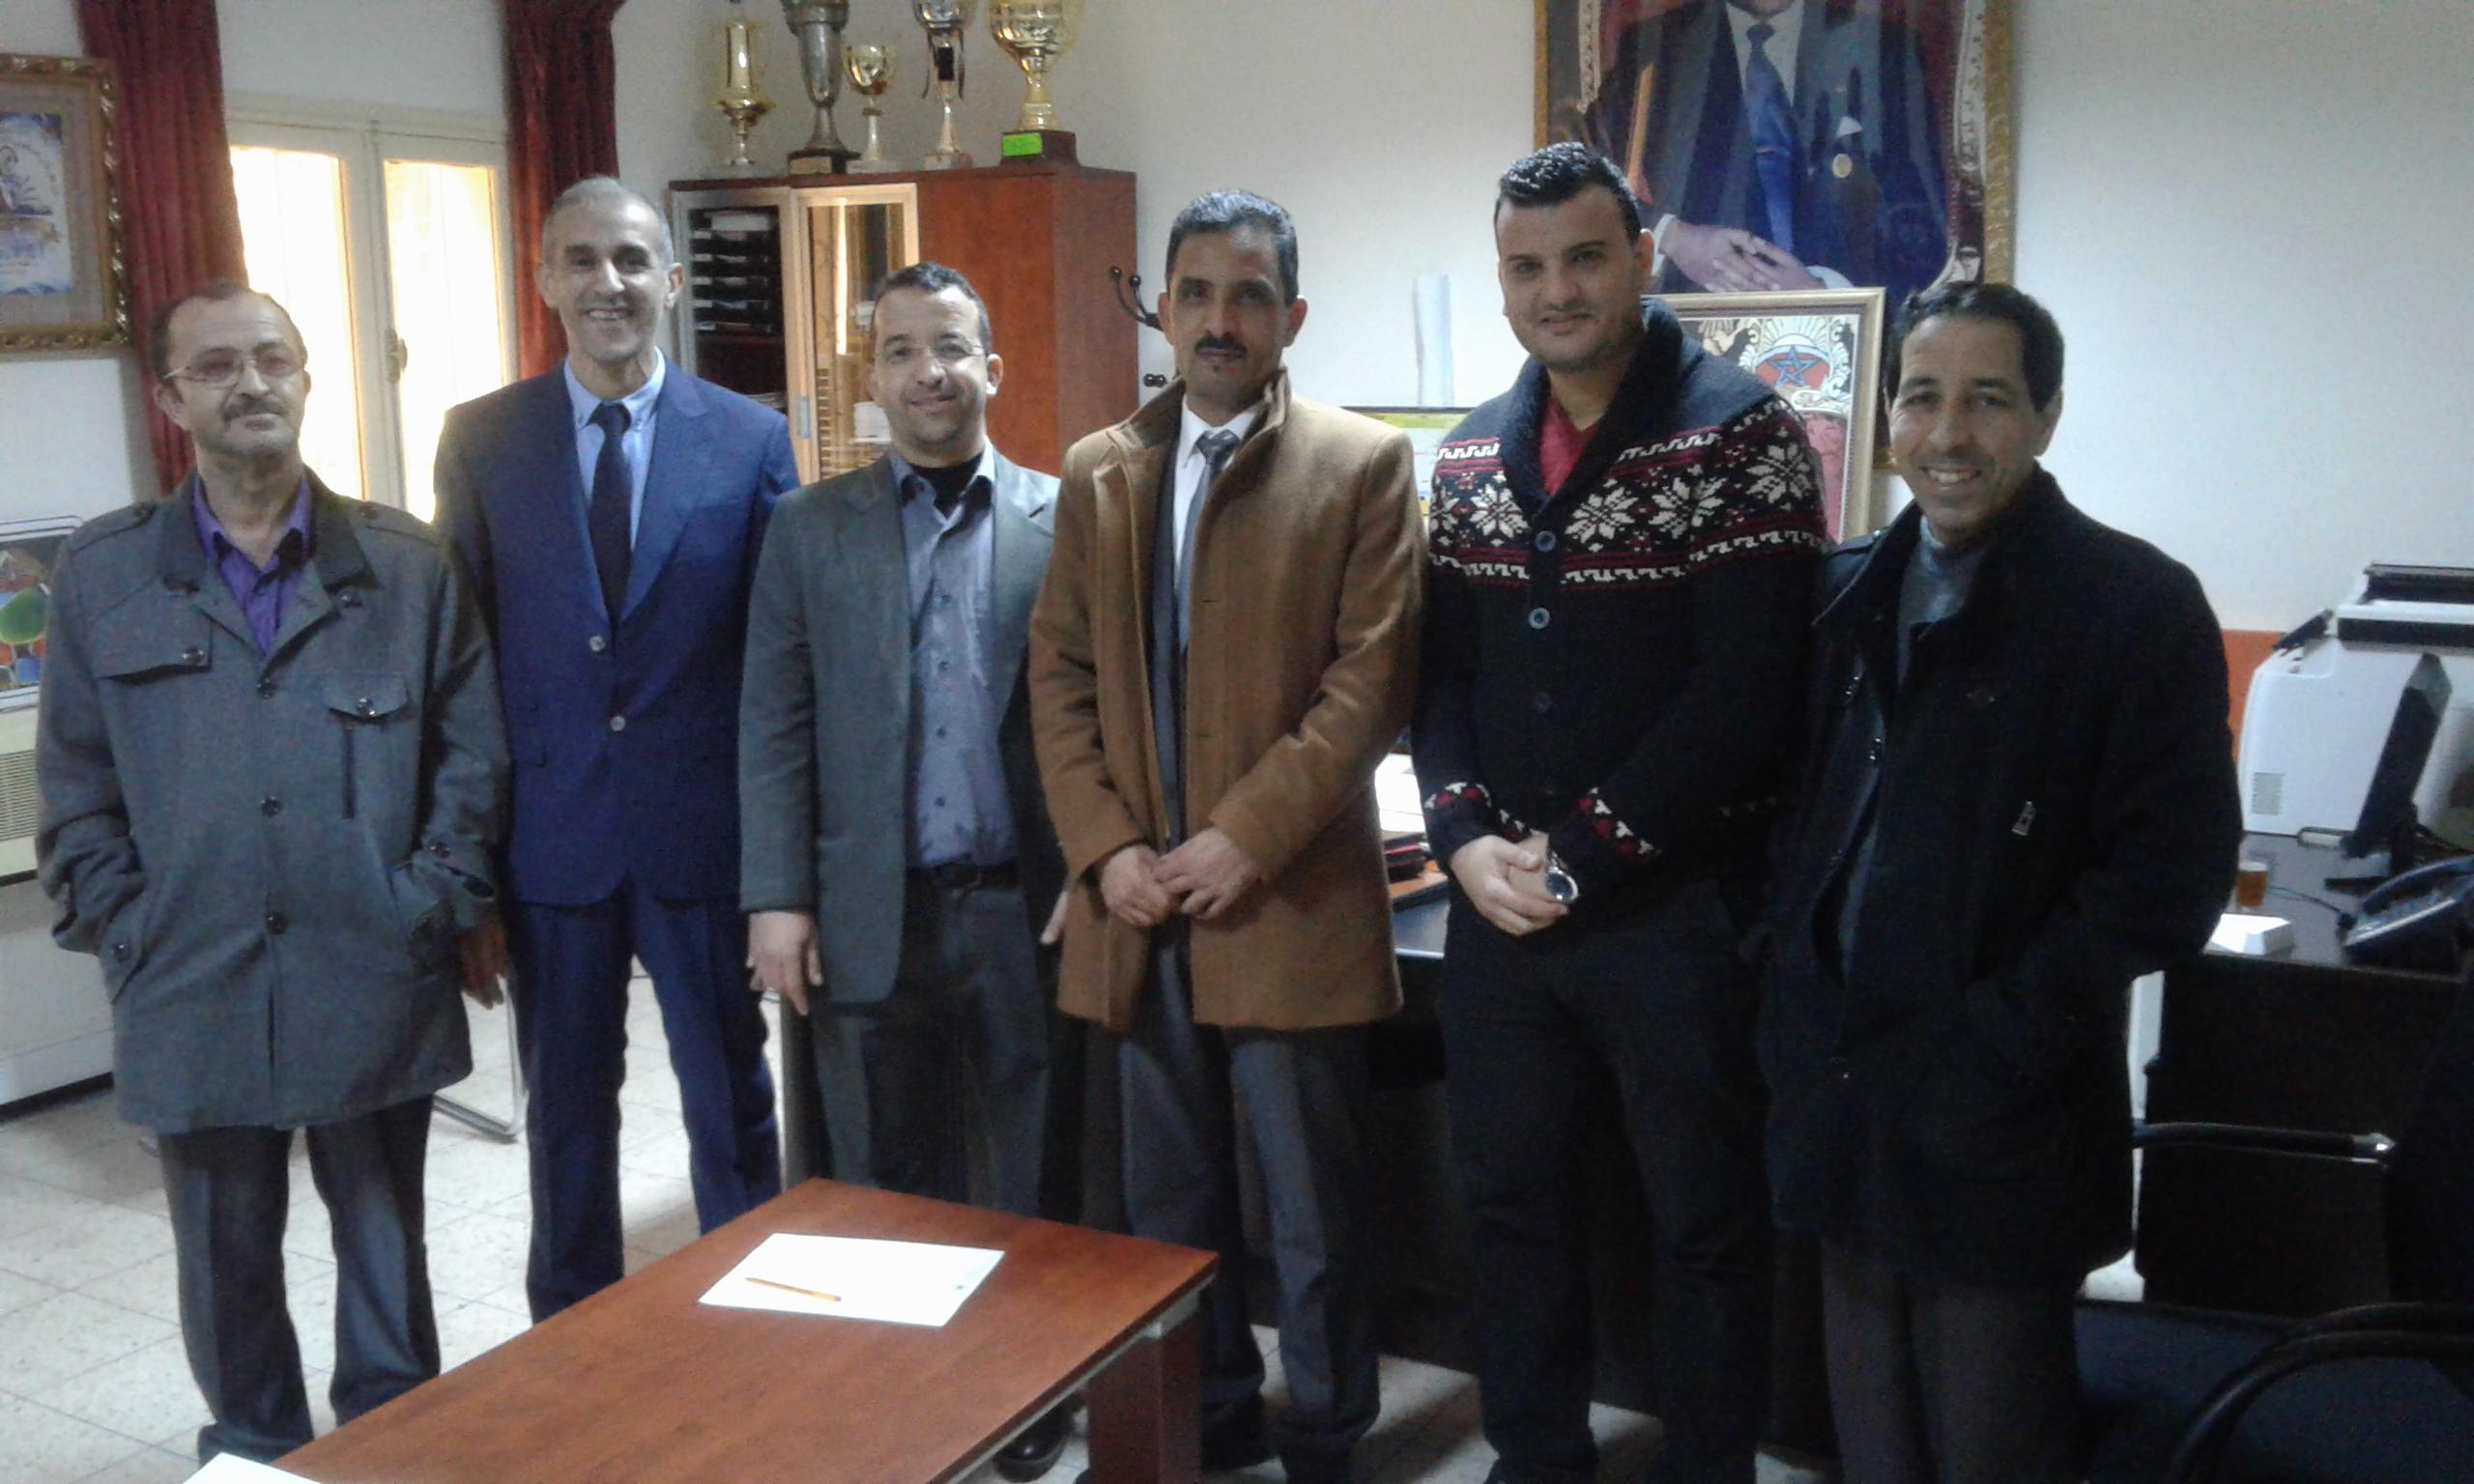 تعيين 3 رؤساء مصالح جدد لشغل مناصب المسؤولية بمديرية تيزنيت